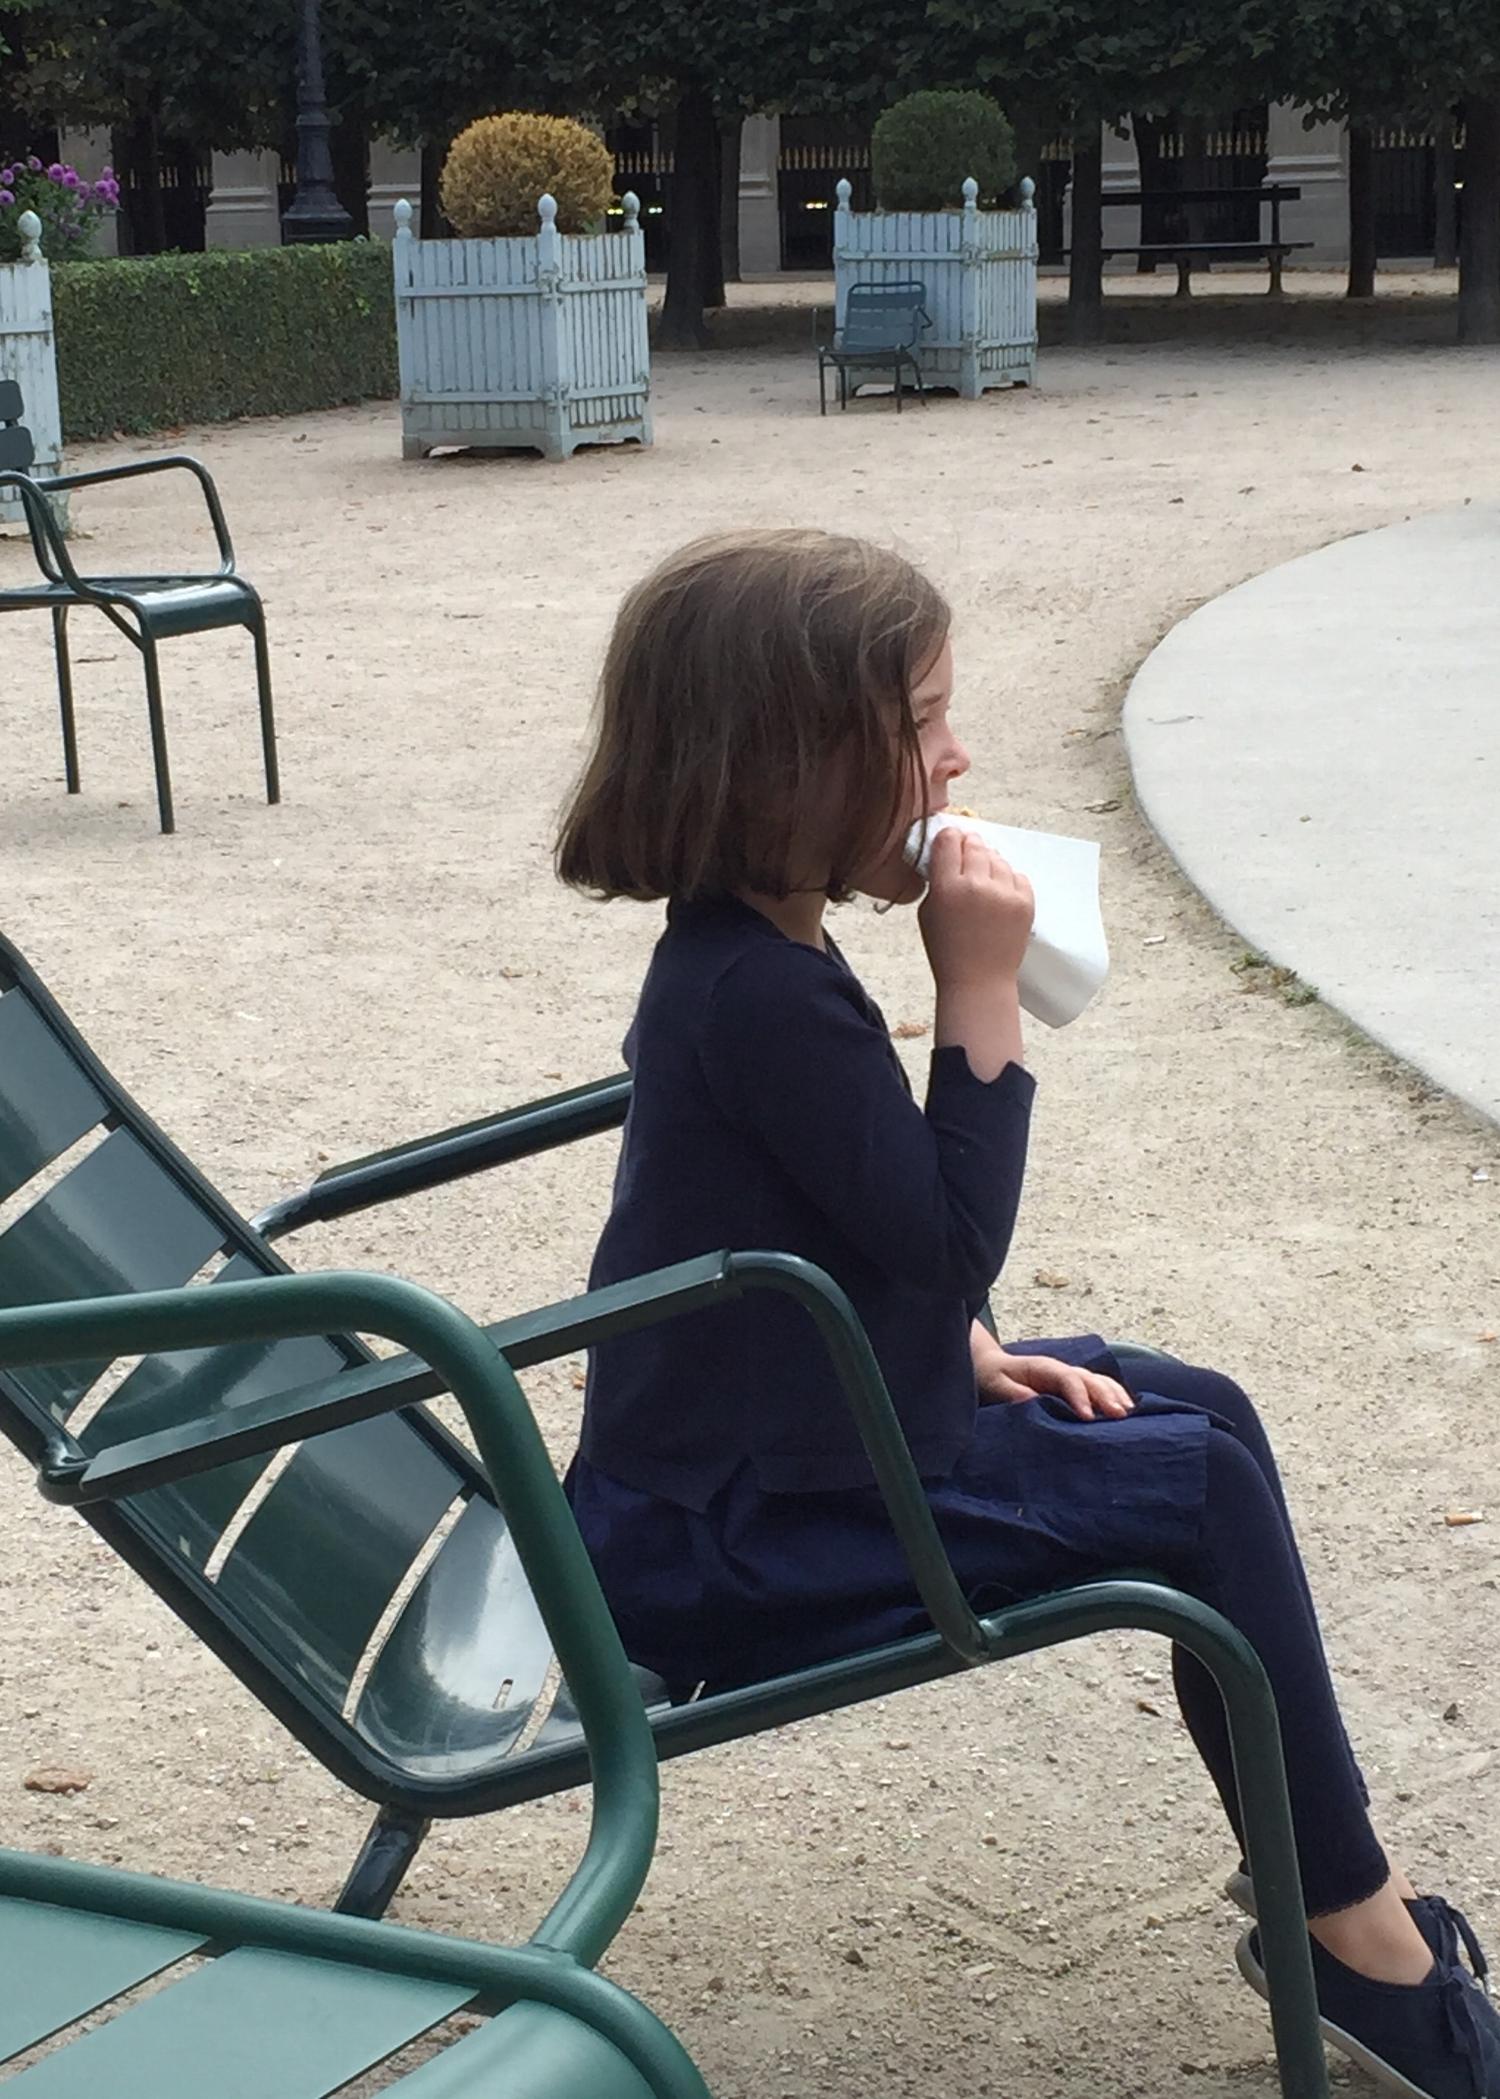 JARDIN DU PALAIS ROYAL, CROISSANT EATING, PARIS